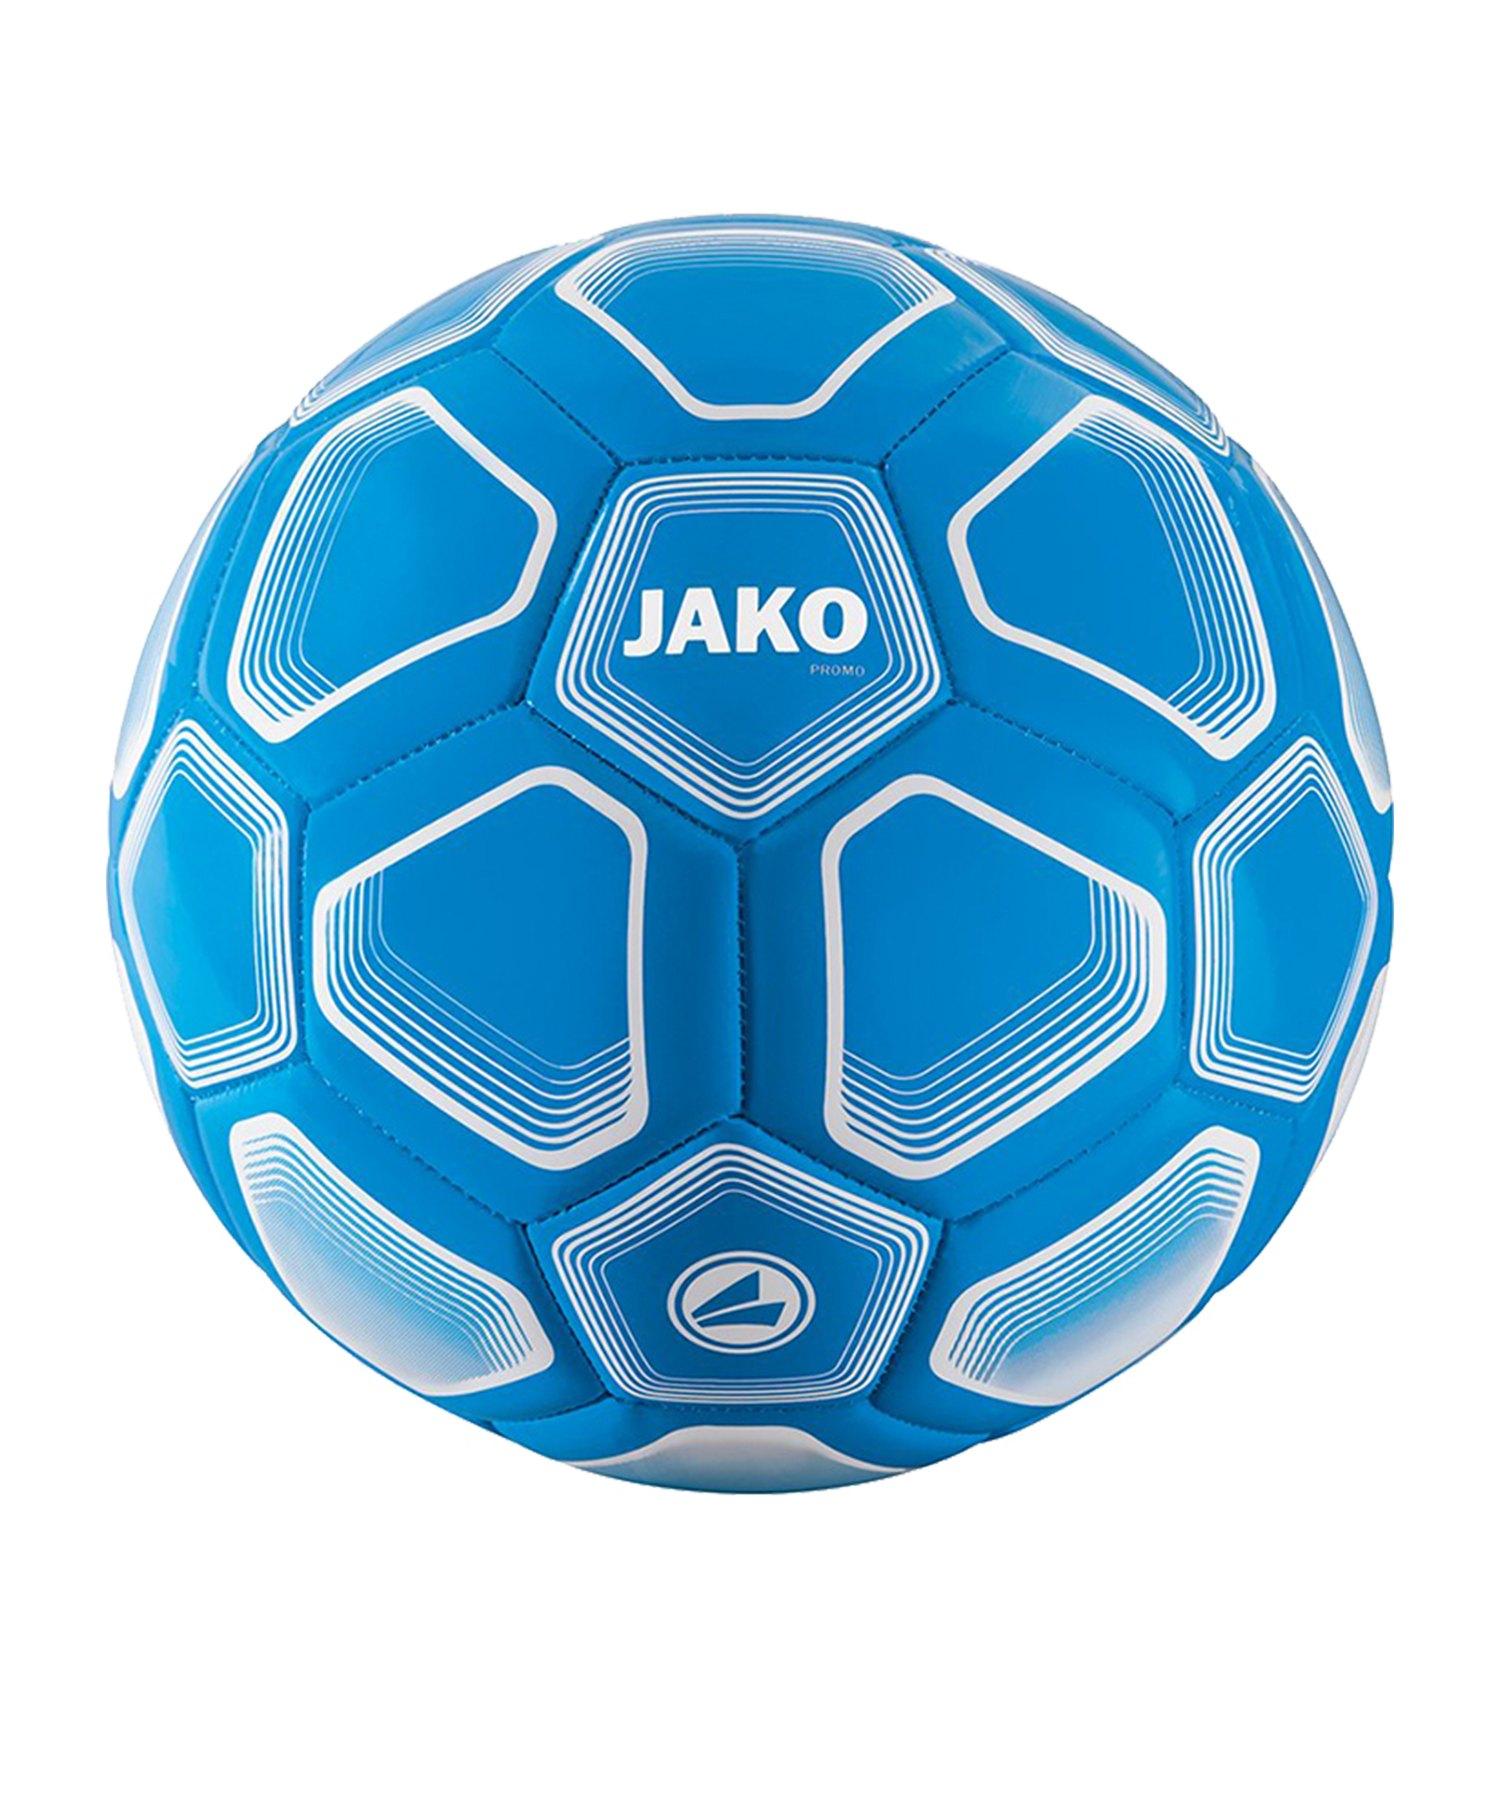 Jako Promo 32 Panel Trainingsball Blau F89 - blau